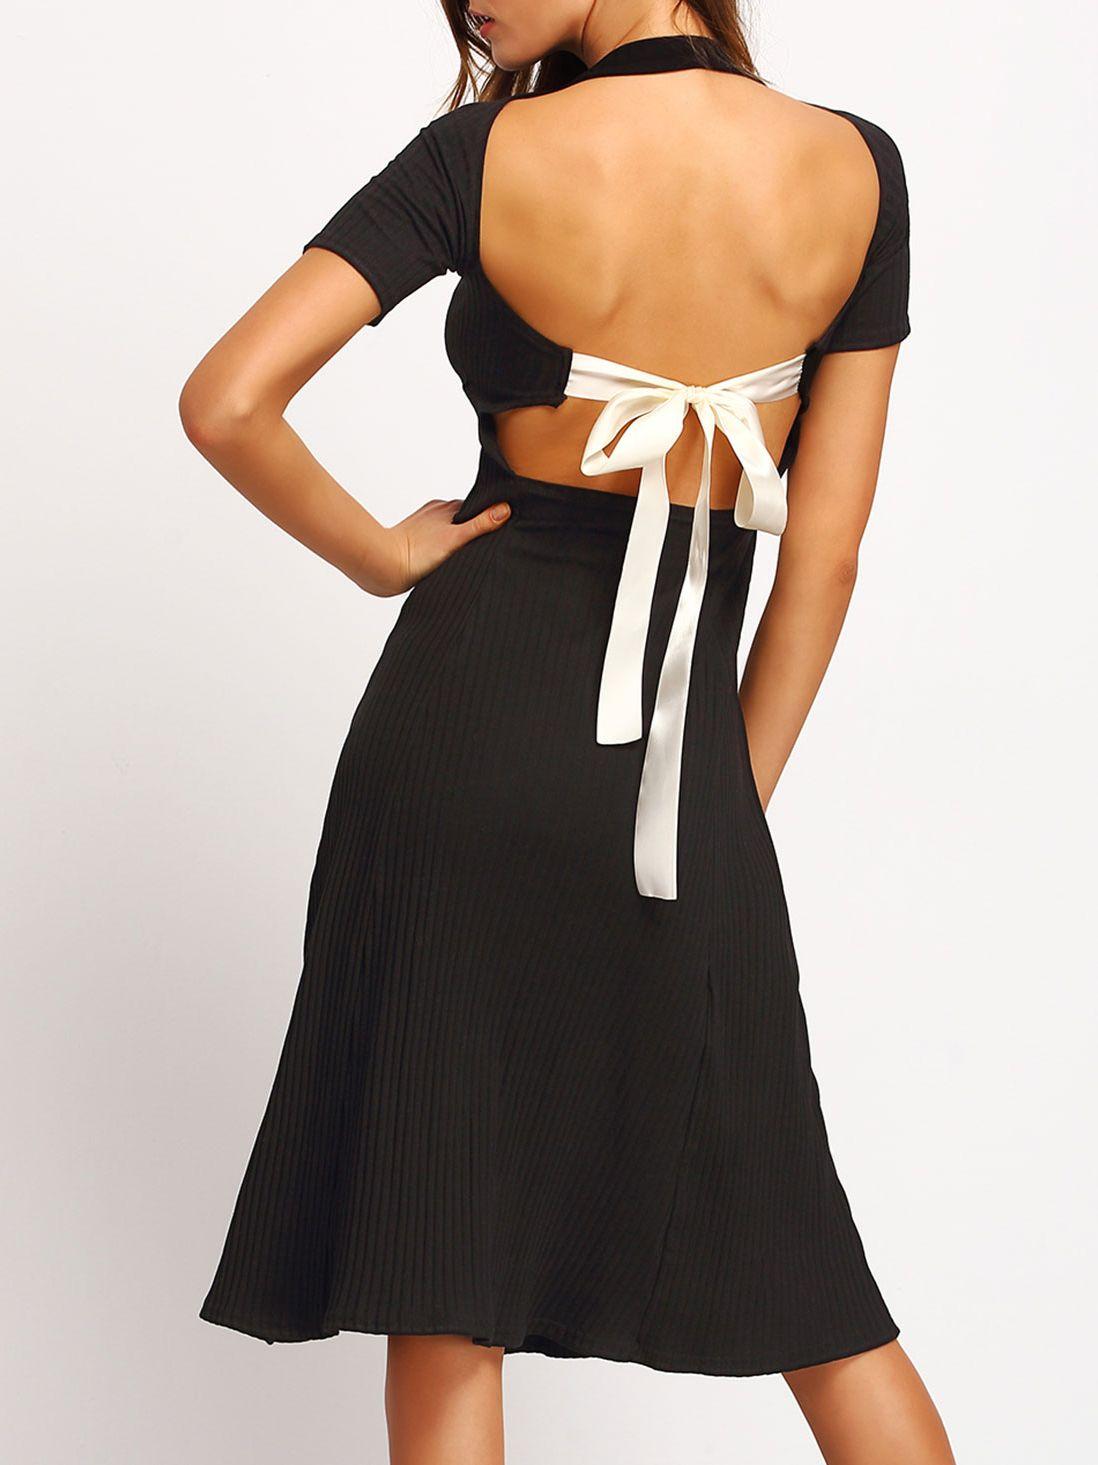 Kurzarm Kleid rückenfrei mit geripptem Muster und Schleife am